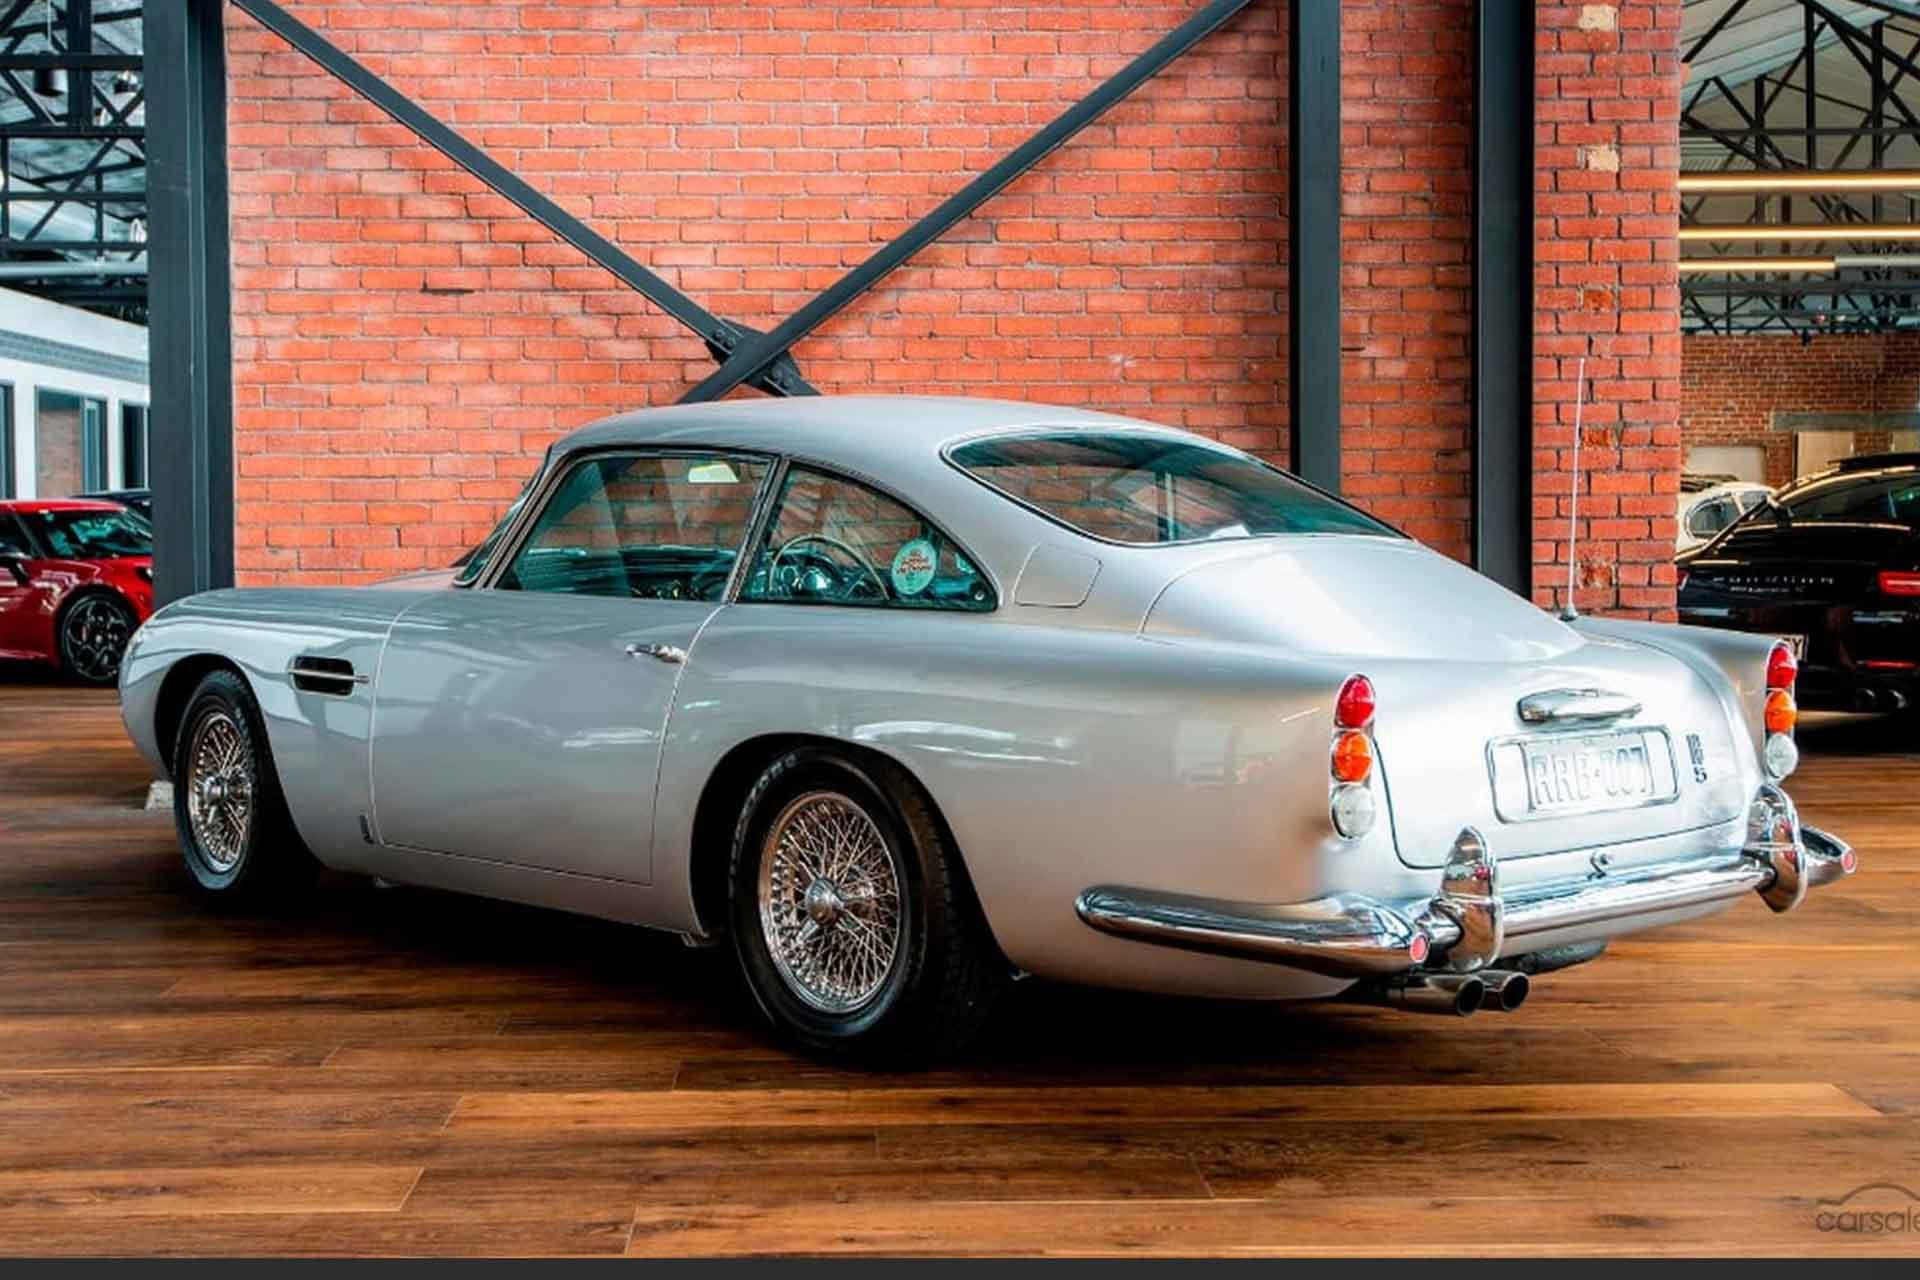 Fundstück der Woche: Ein Aston Martin DB5 Coupe von 1964 2